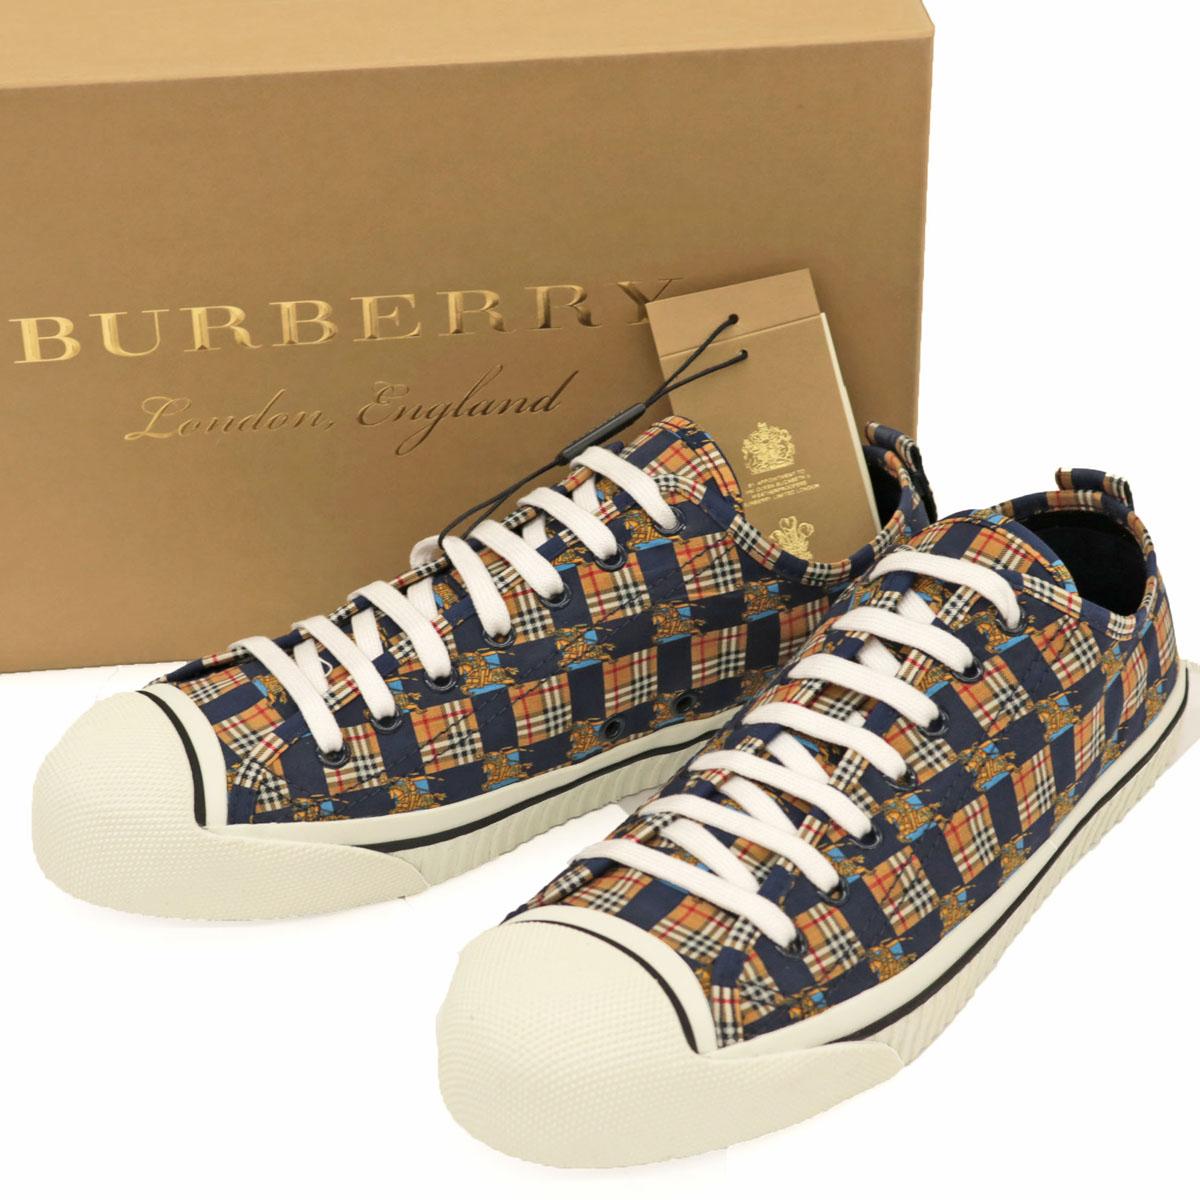 未使用品◆BURBERRY LONDON バーバリー ロンドン KINGLY LOW ノバチェック スニーカー サイズ41.5◆ ネイビー/キャンバス/メンズ/靴